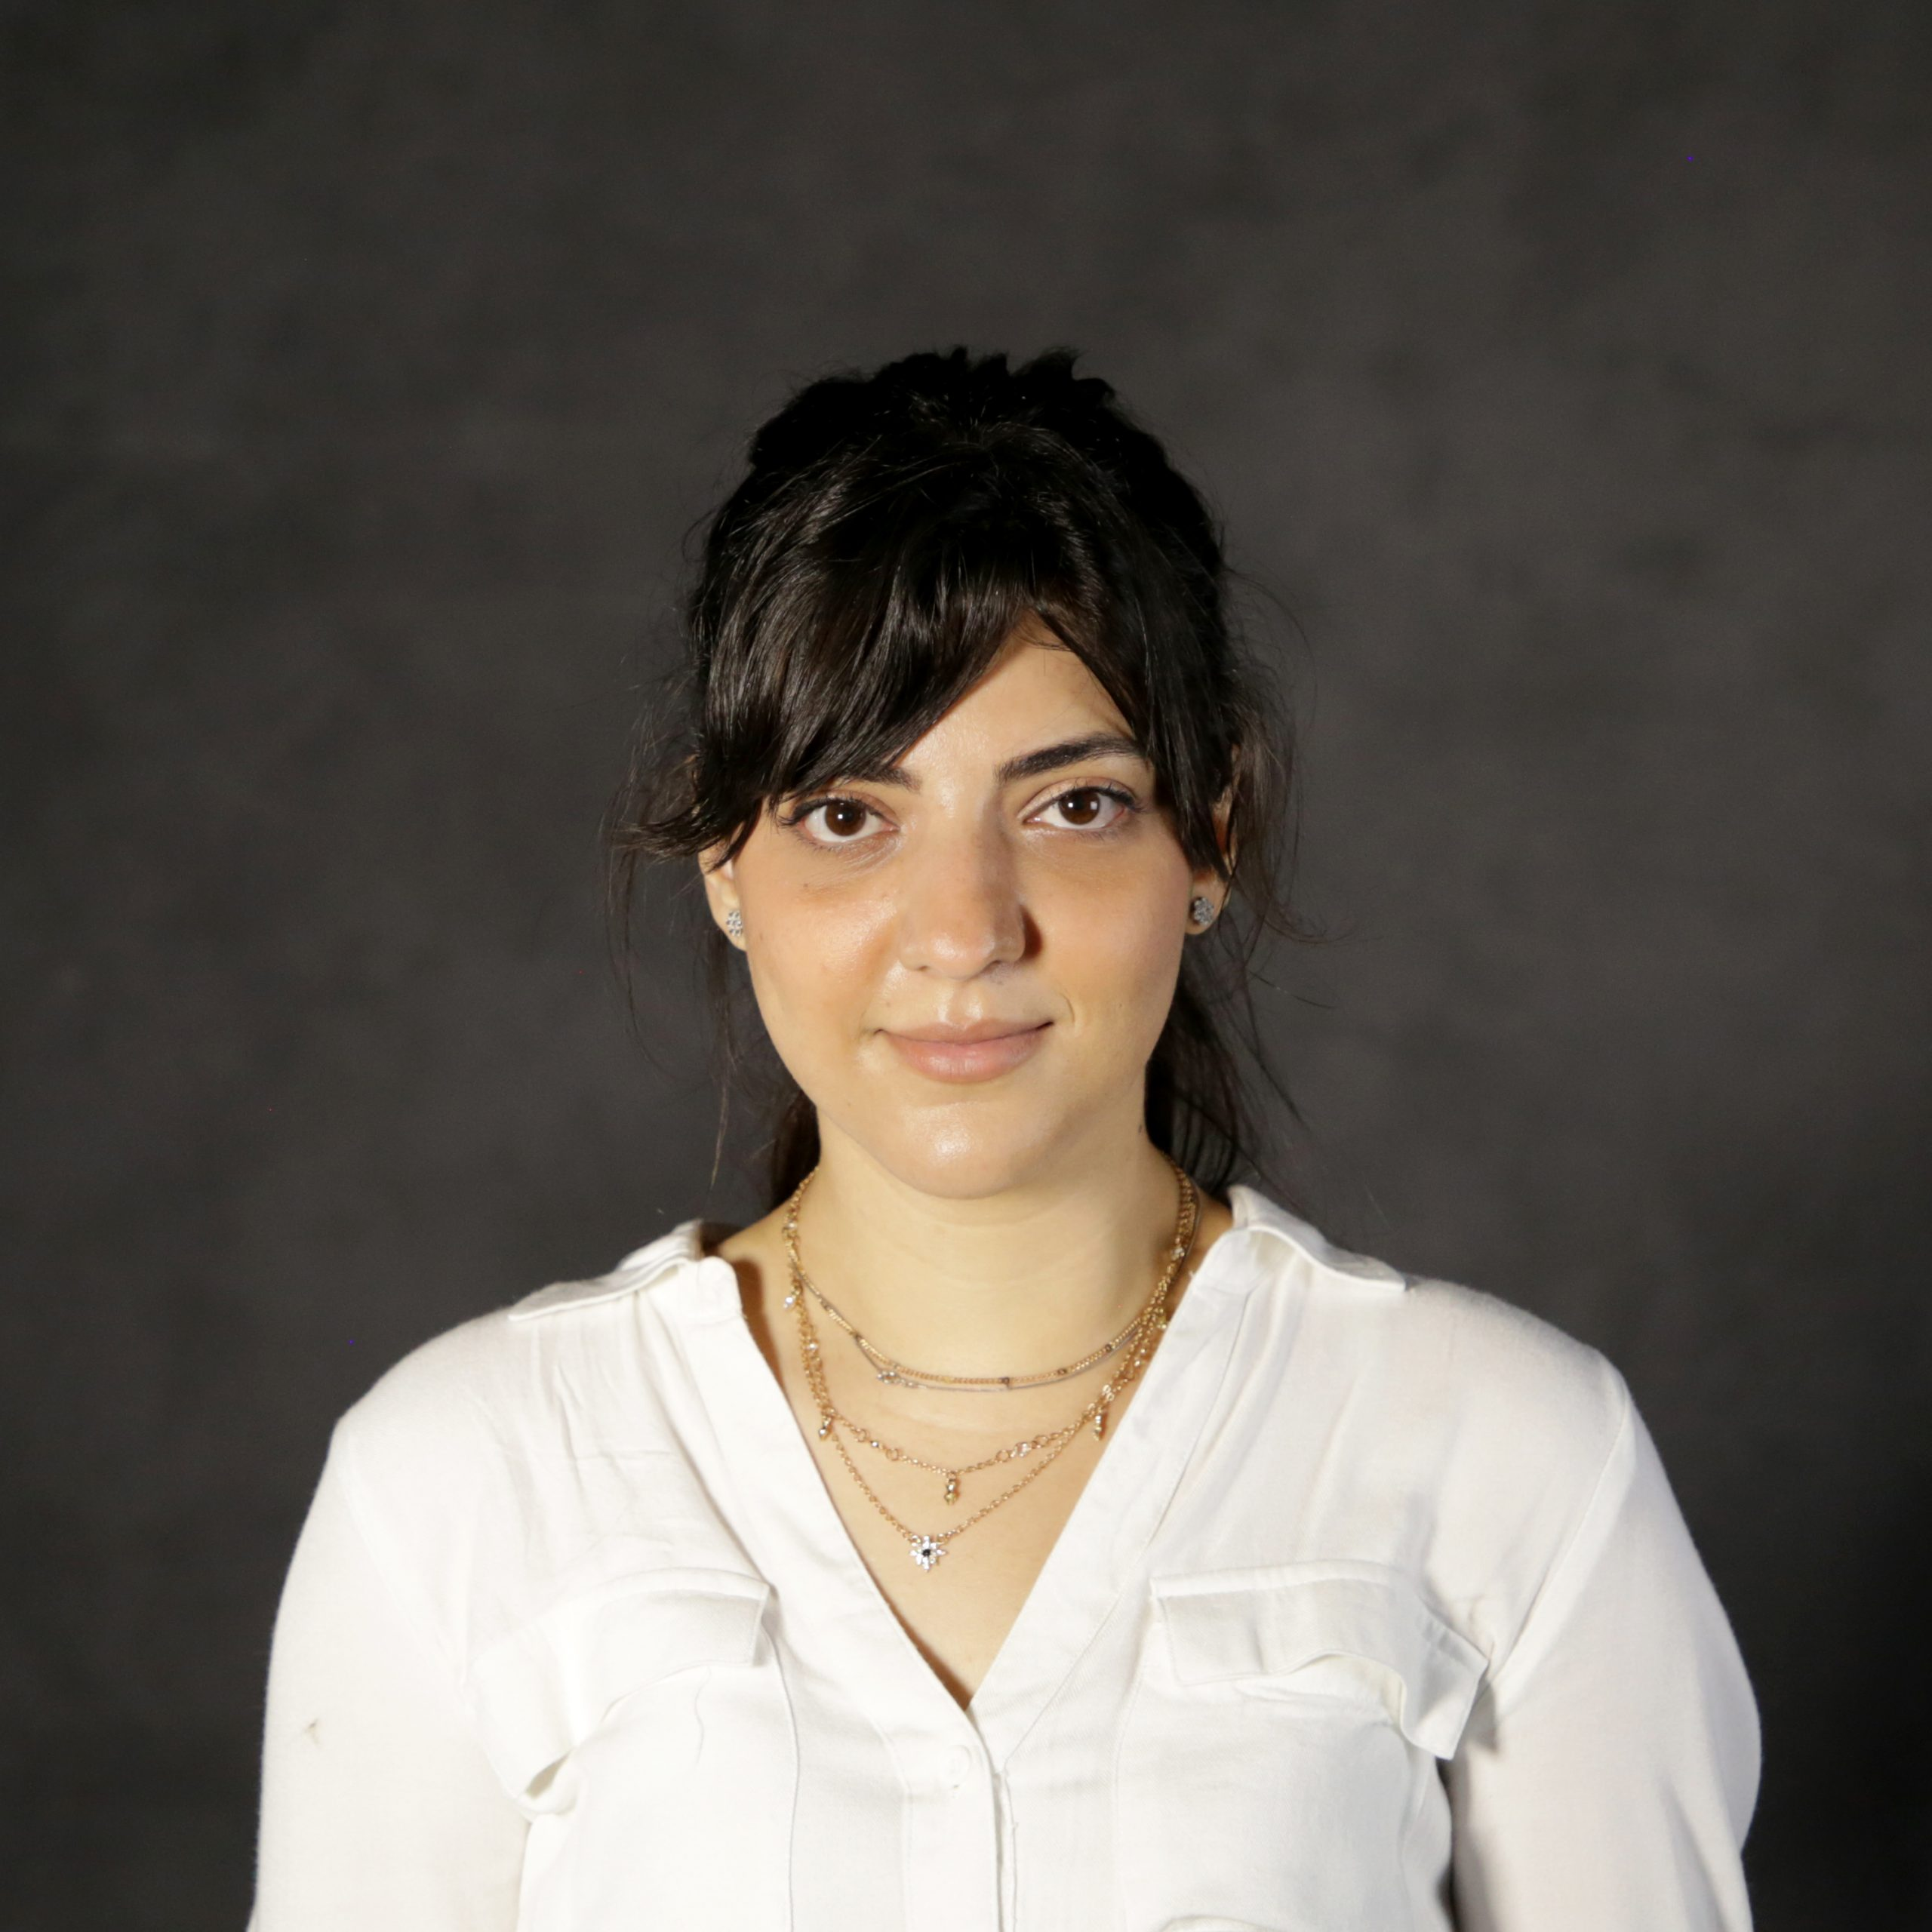 Zahra Sadeghi